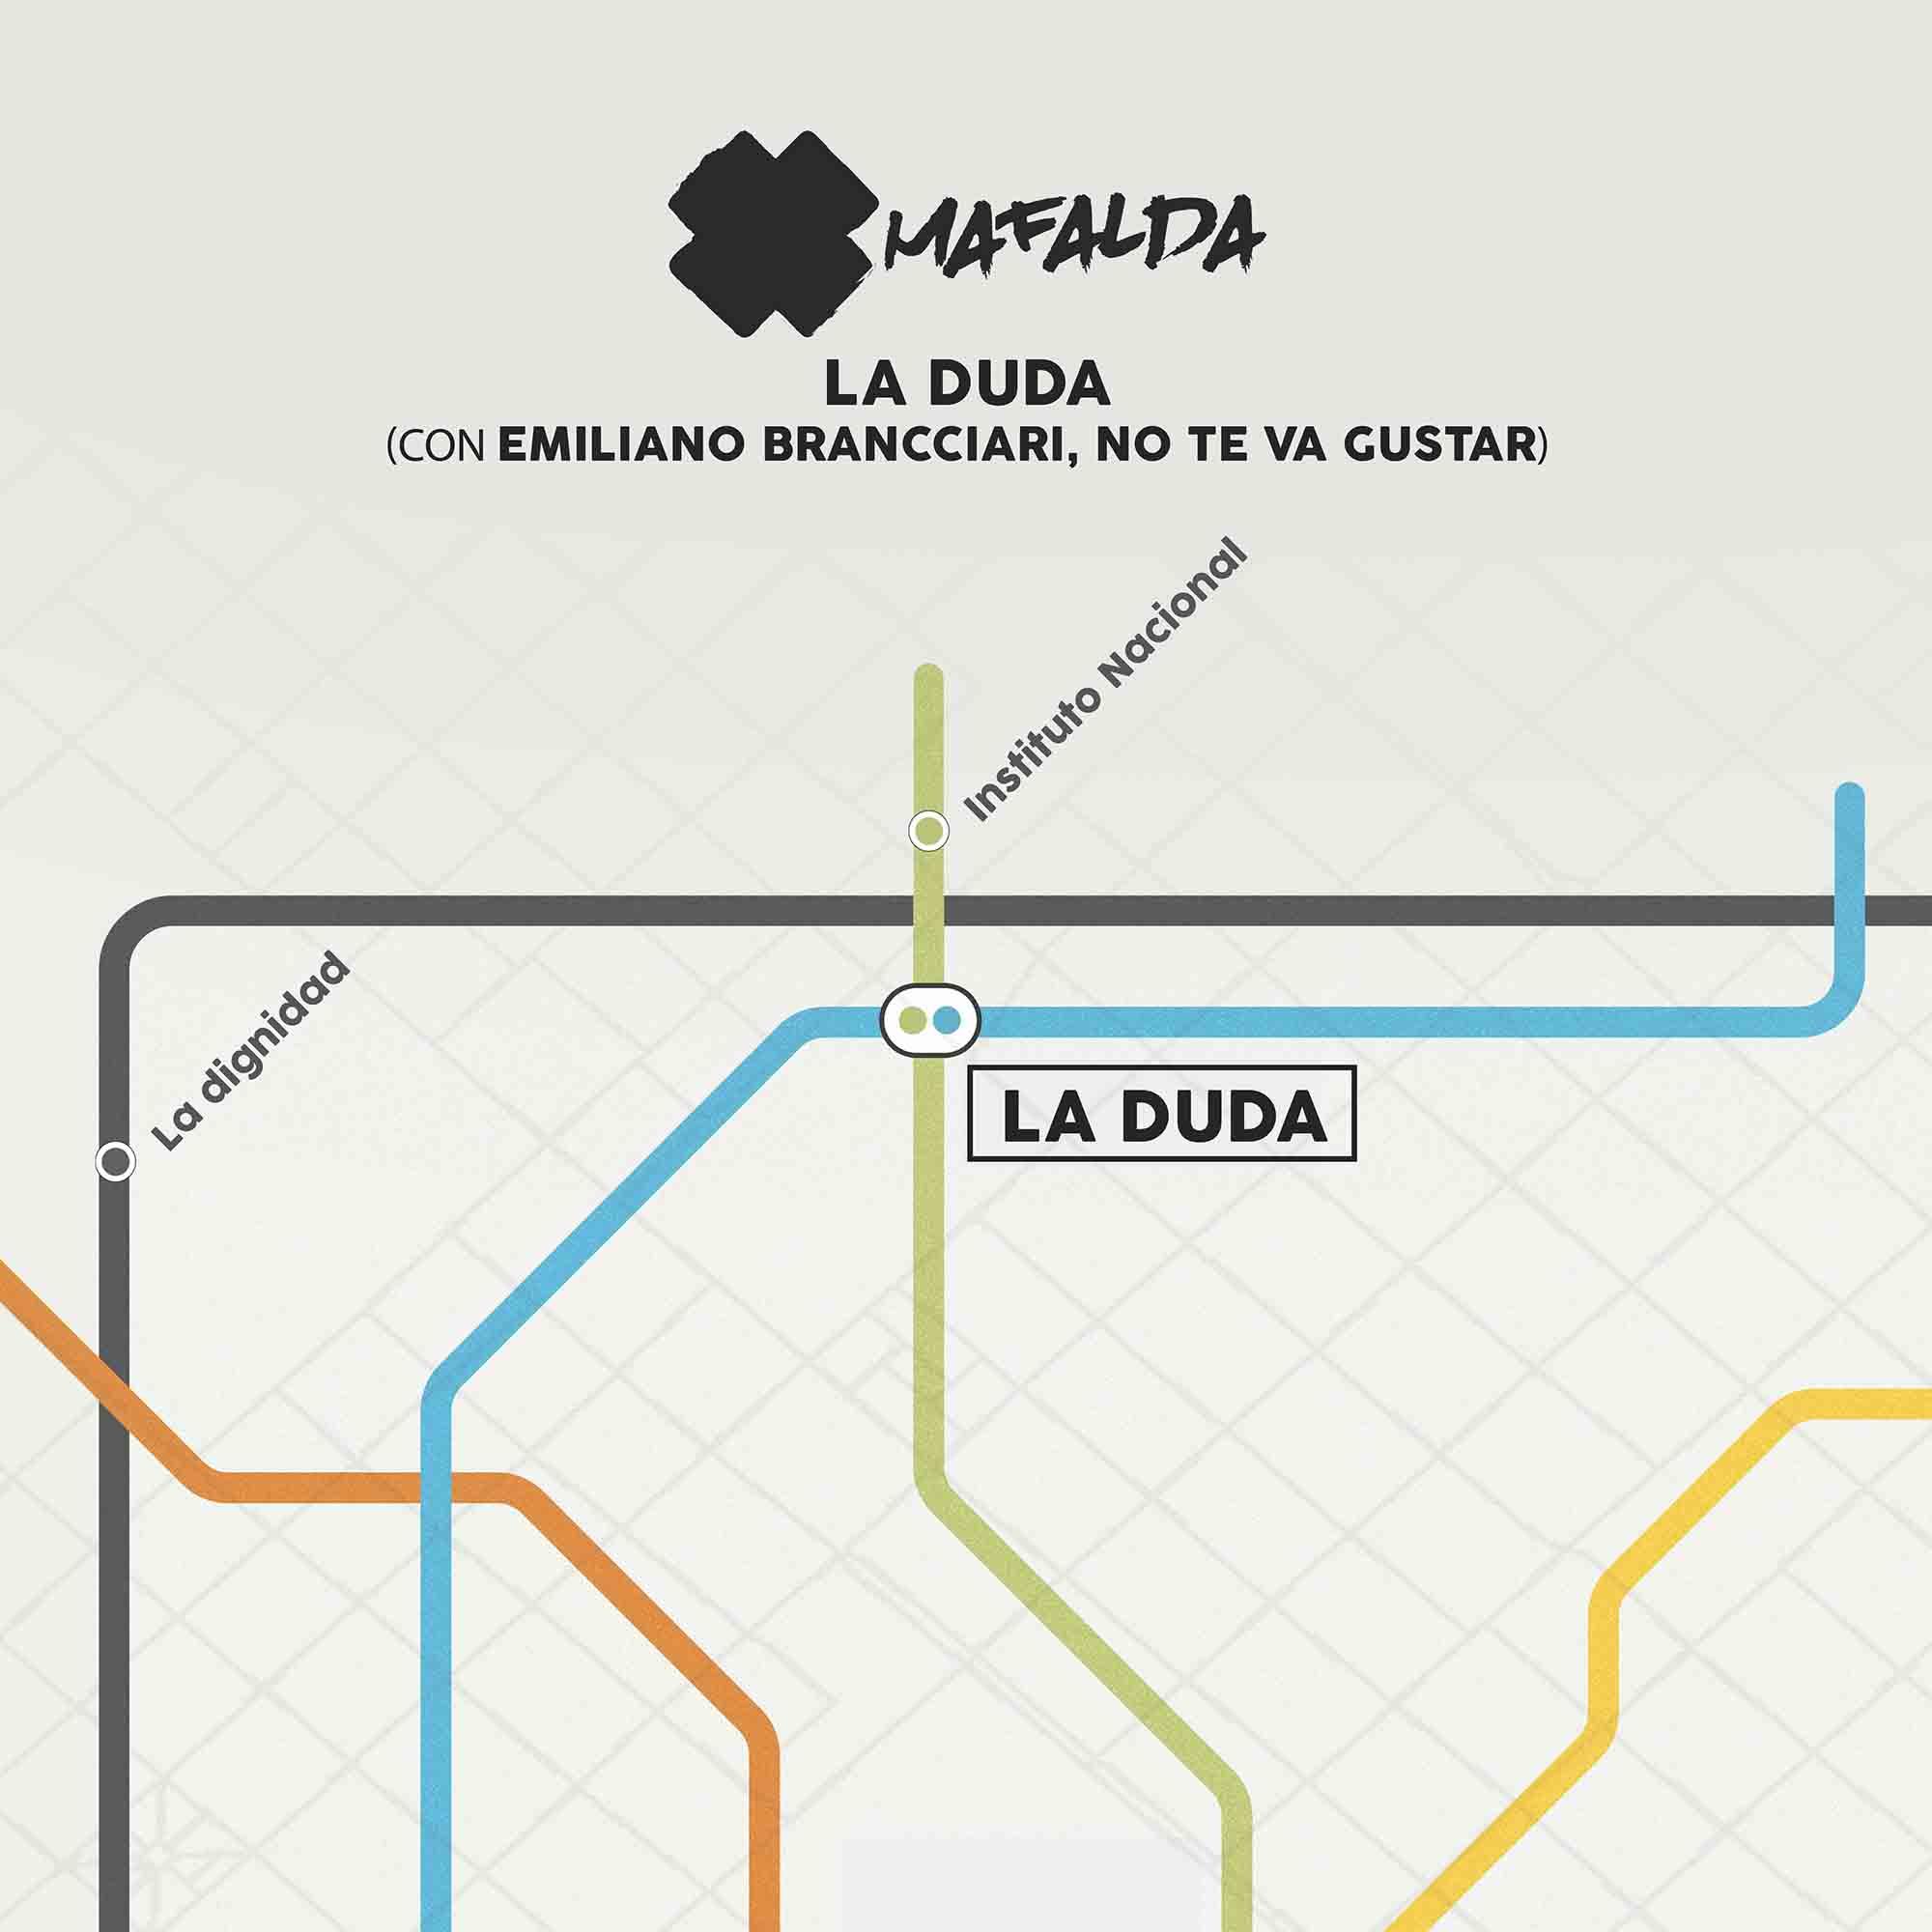 grupo español Mafalda